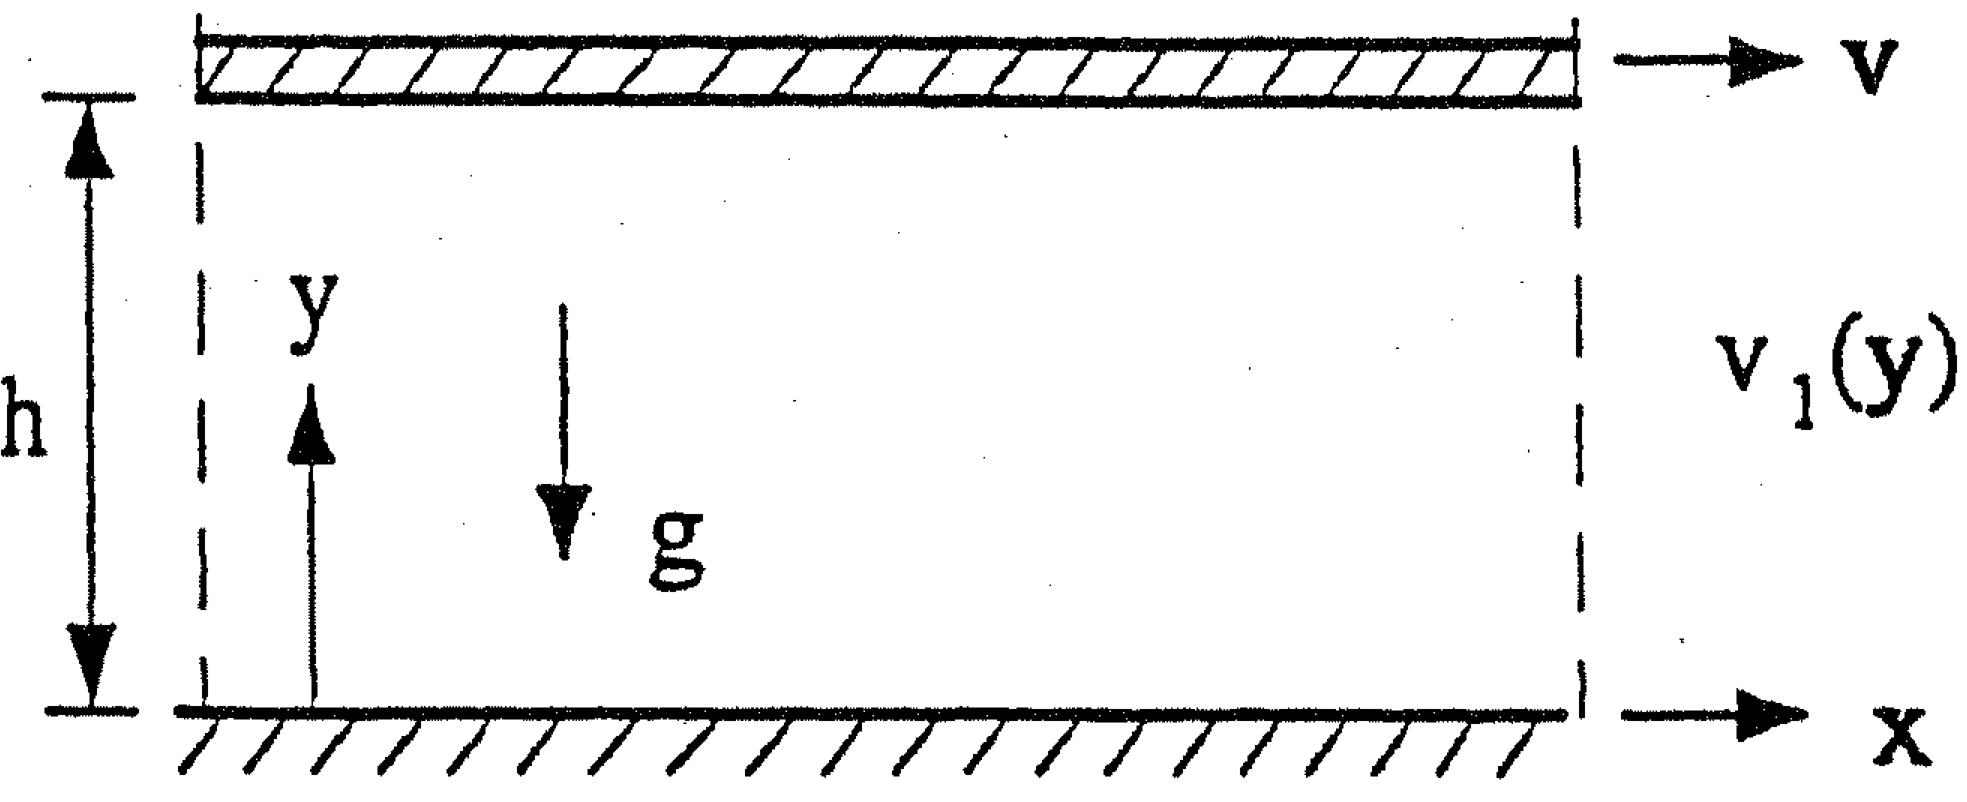 parallel planes. figure 40: flow between parallel planes